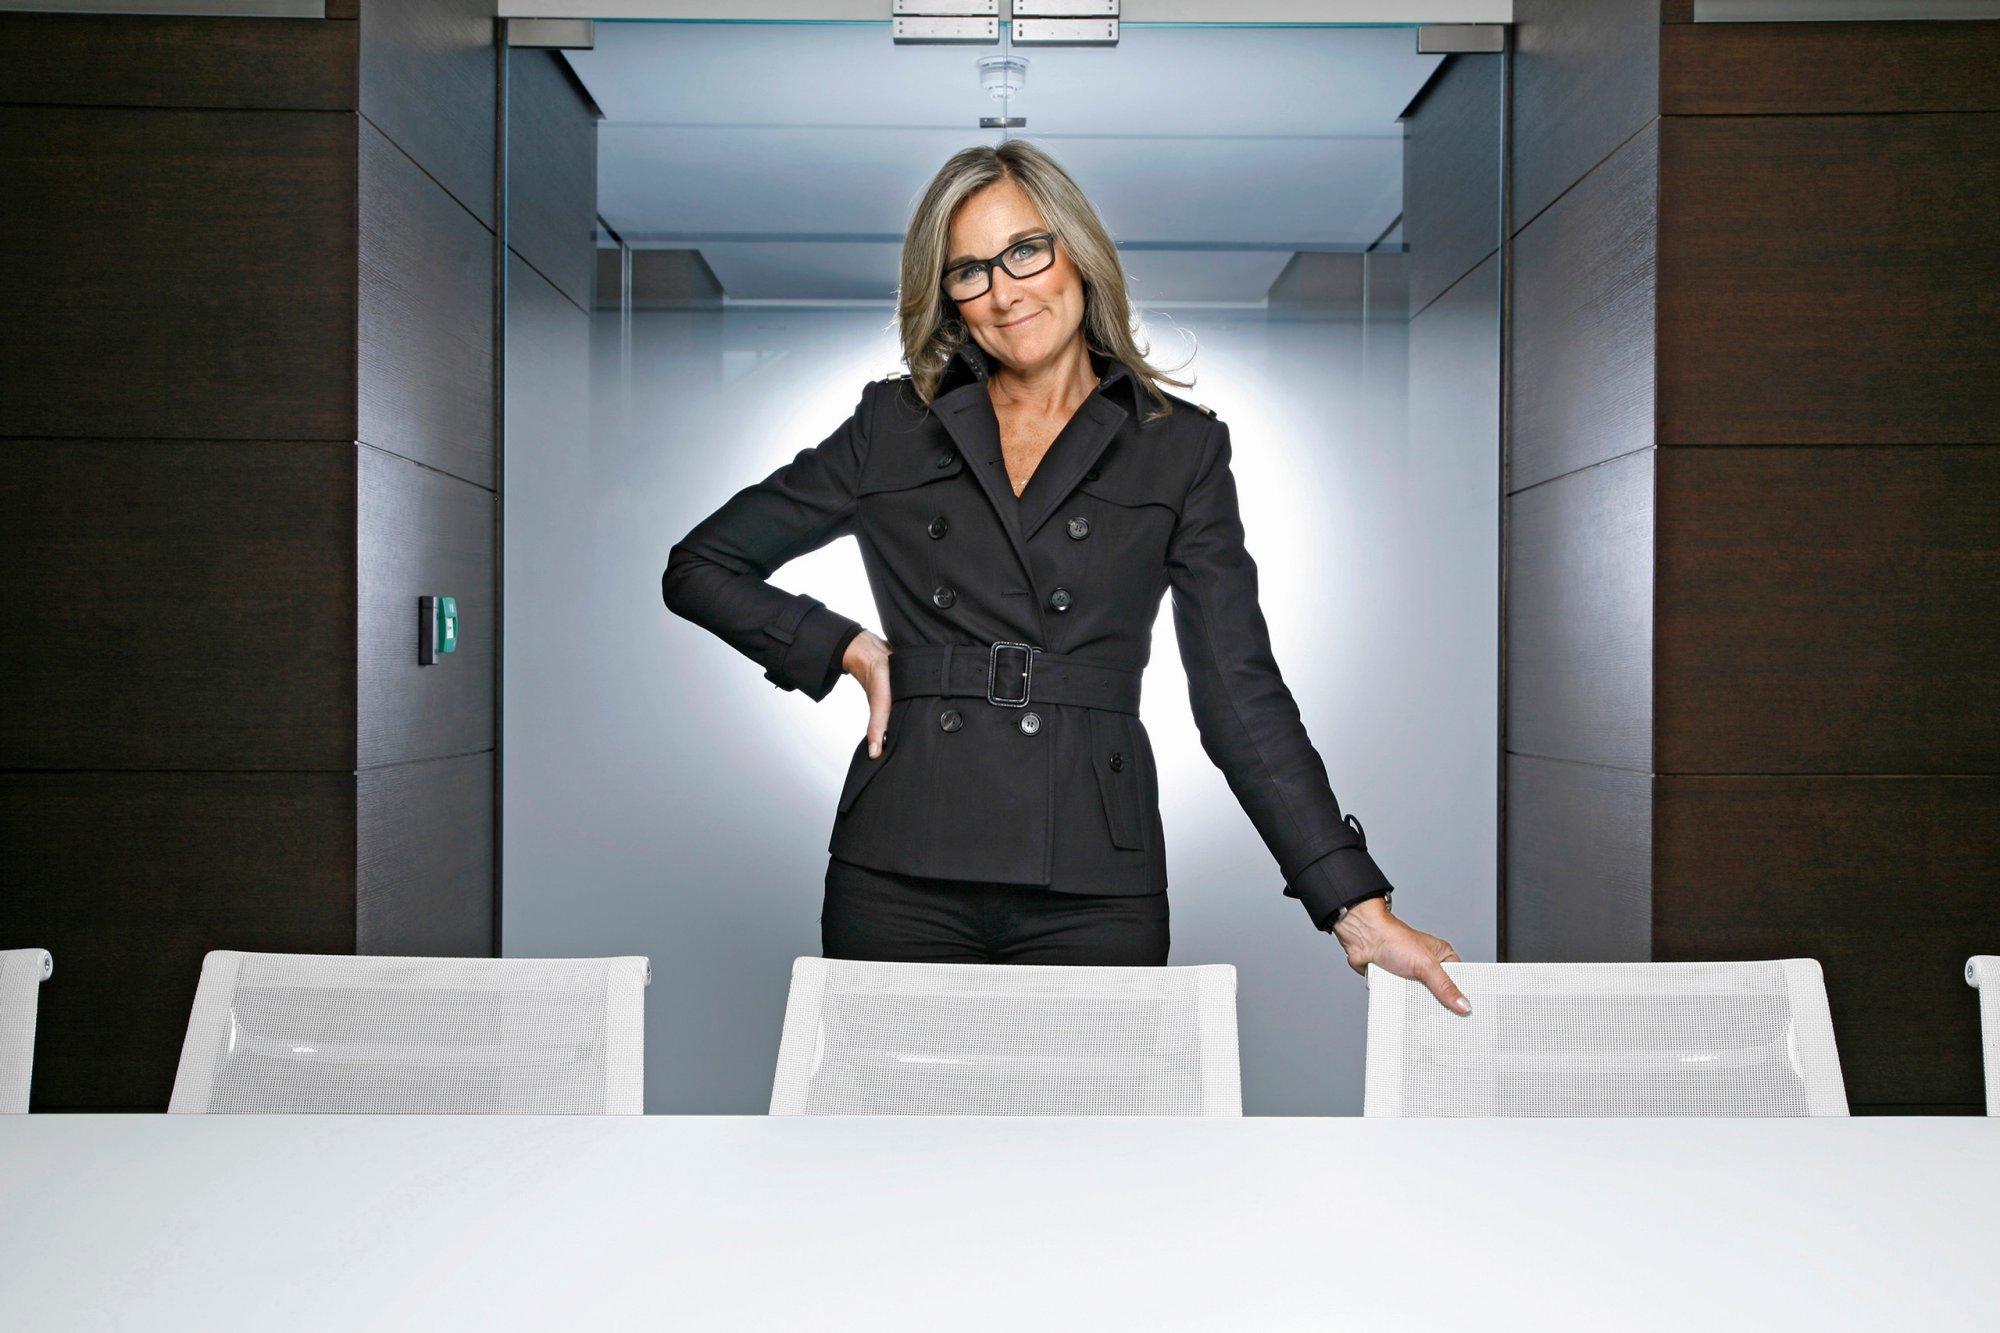 Анджела Арендтс вошла стала самым оплачиваемым менеджером в США